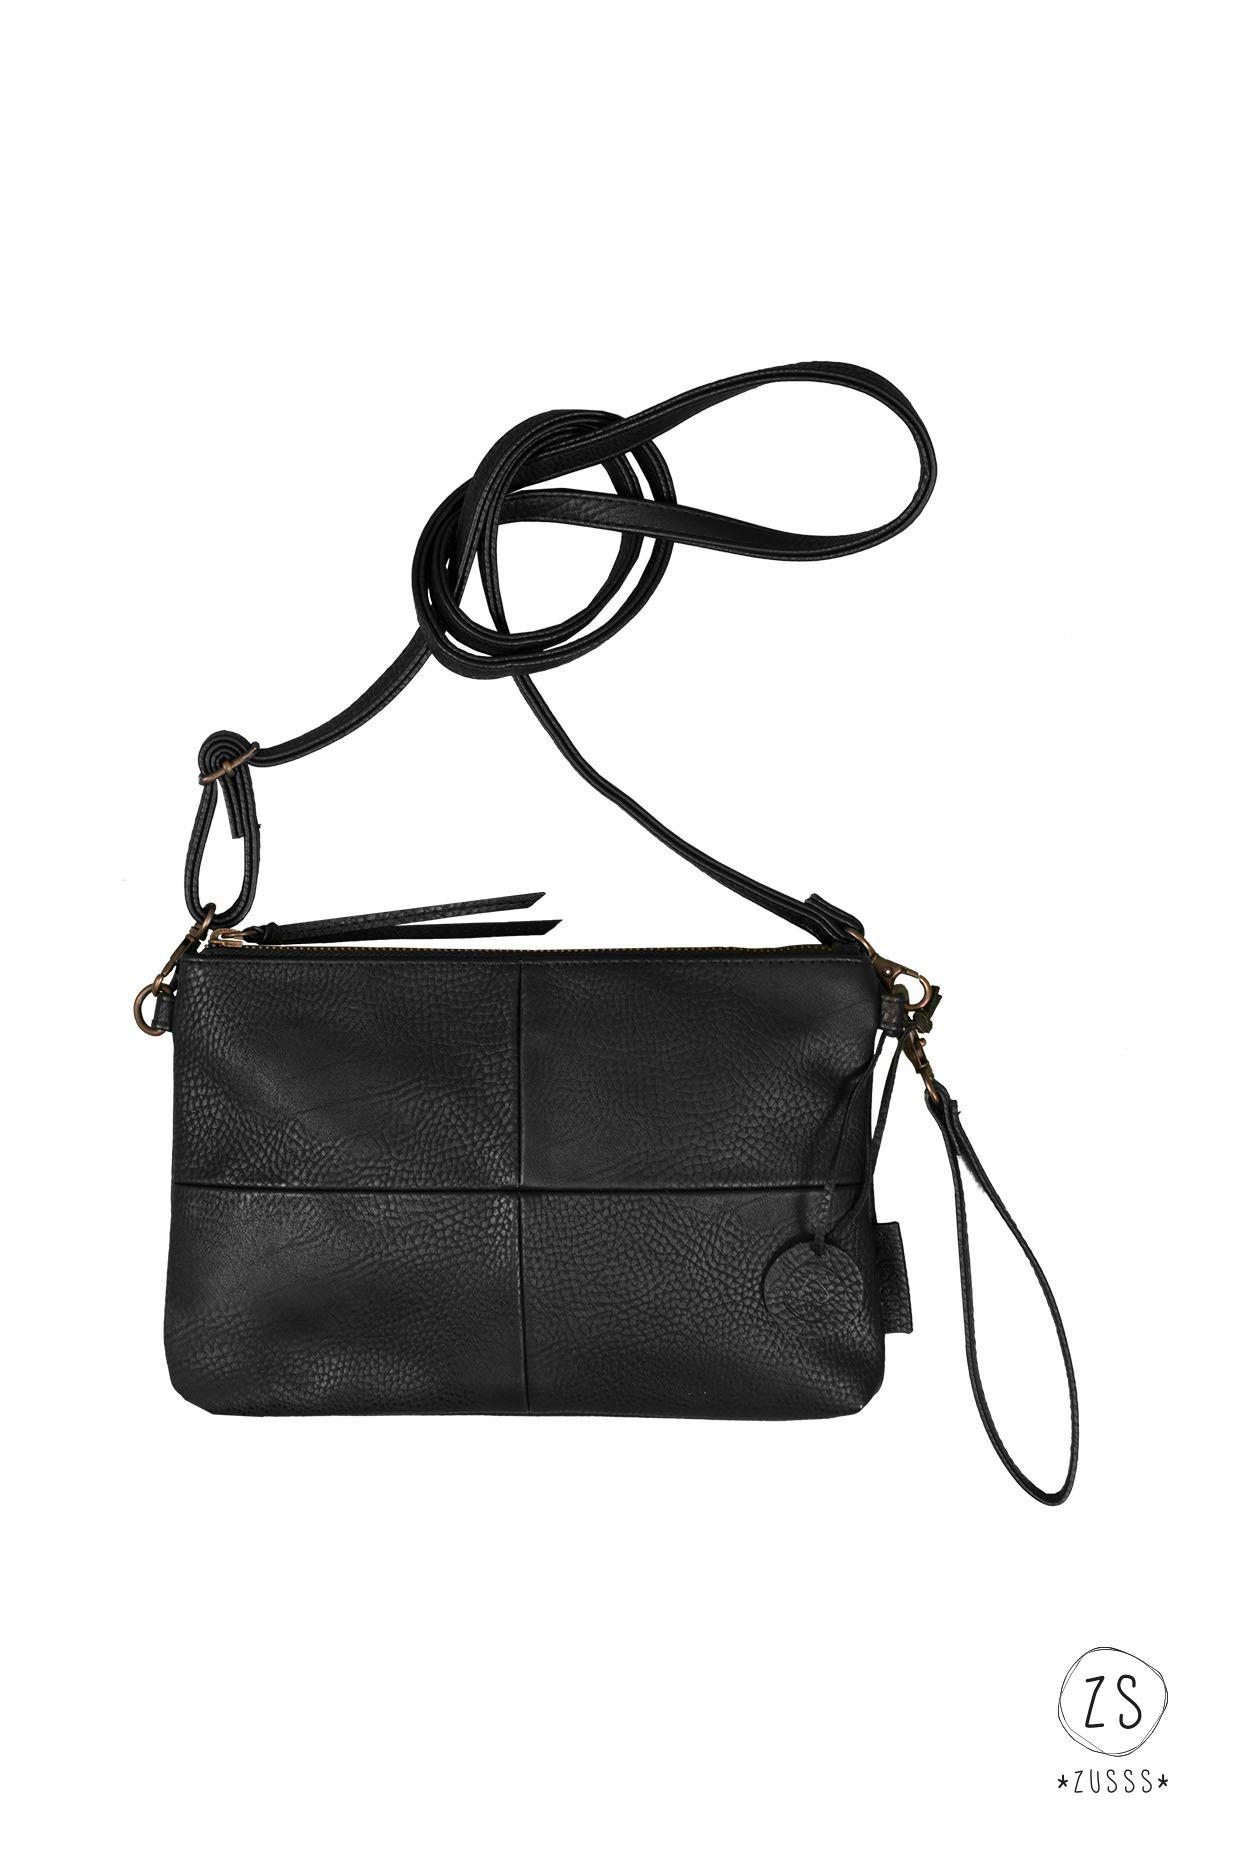 bb8fe294f11 Leuke tas S zwart - shop jouw favoriete tas bij Zusss! | ZUSSS | Tassen -  Bags, Clothes en Fashion